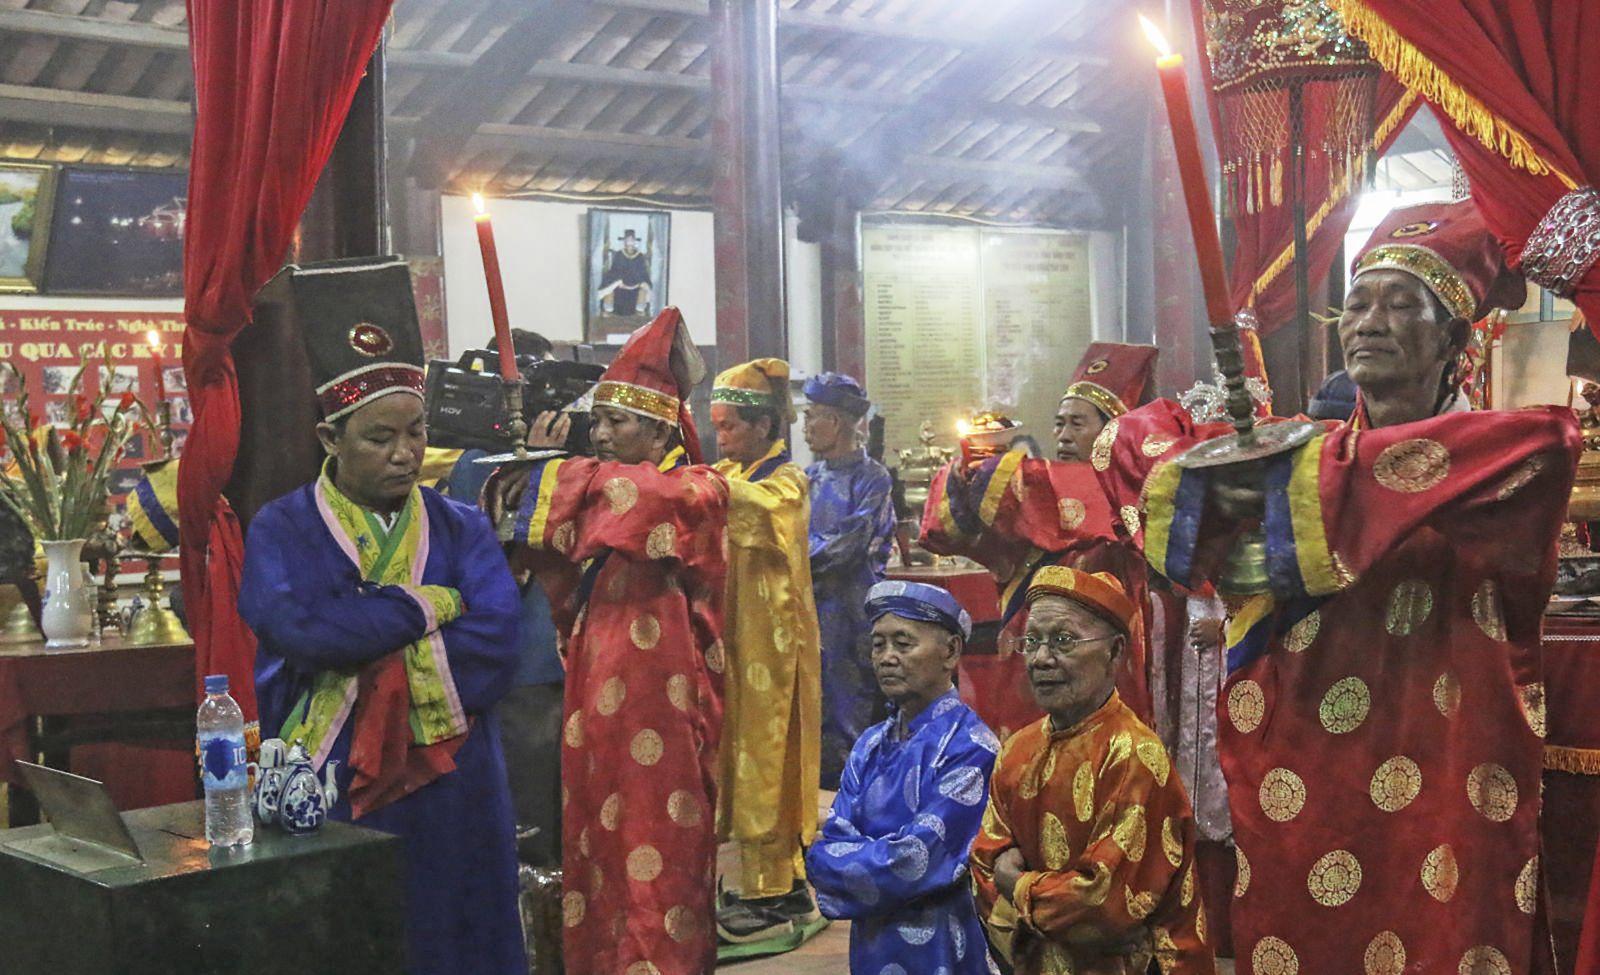 Lễ hội Kỳ yên đình Bình Thủy- Di sản văn hóa phi vật thể quốc gia. Trong ảnh là lễ Chánh Tế. Ảnh: DUY LỮ